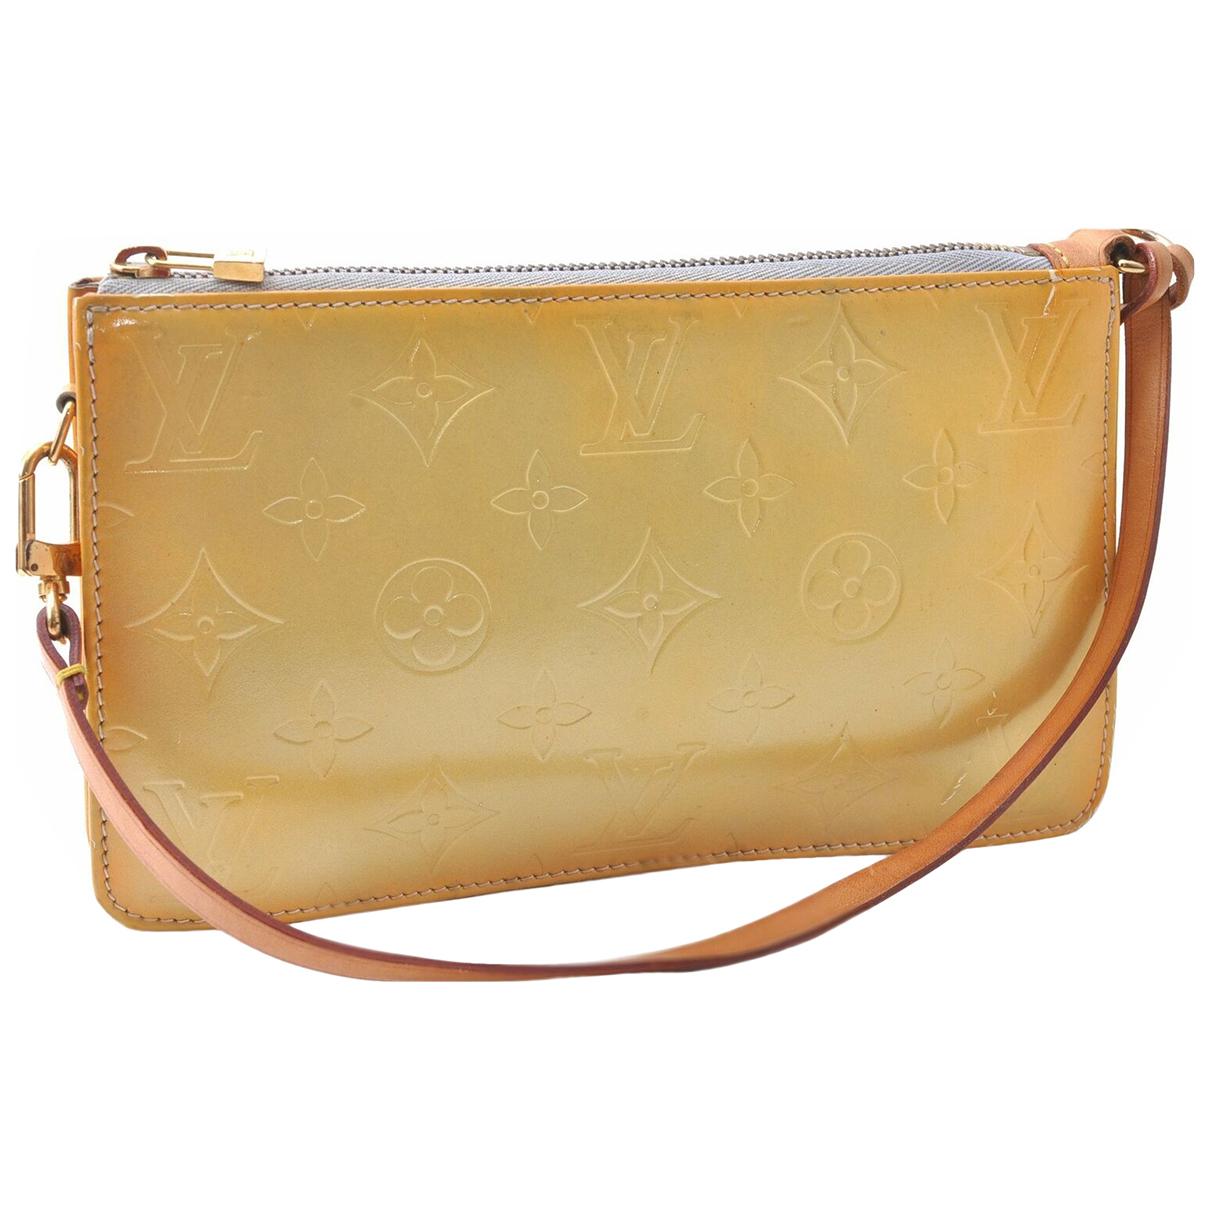 Louis Vuitton - Pochette   pour femme en cuir verni - jaune